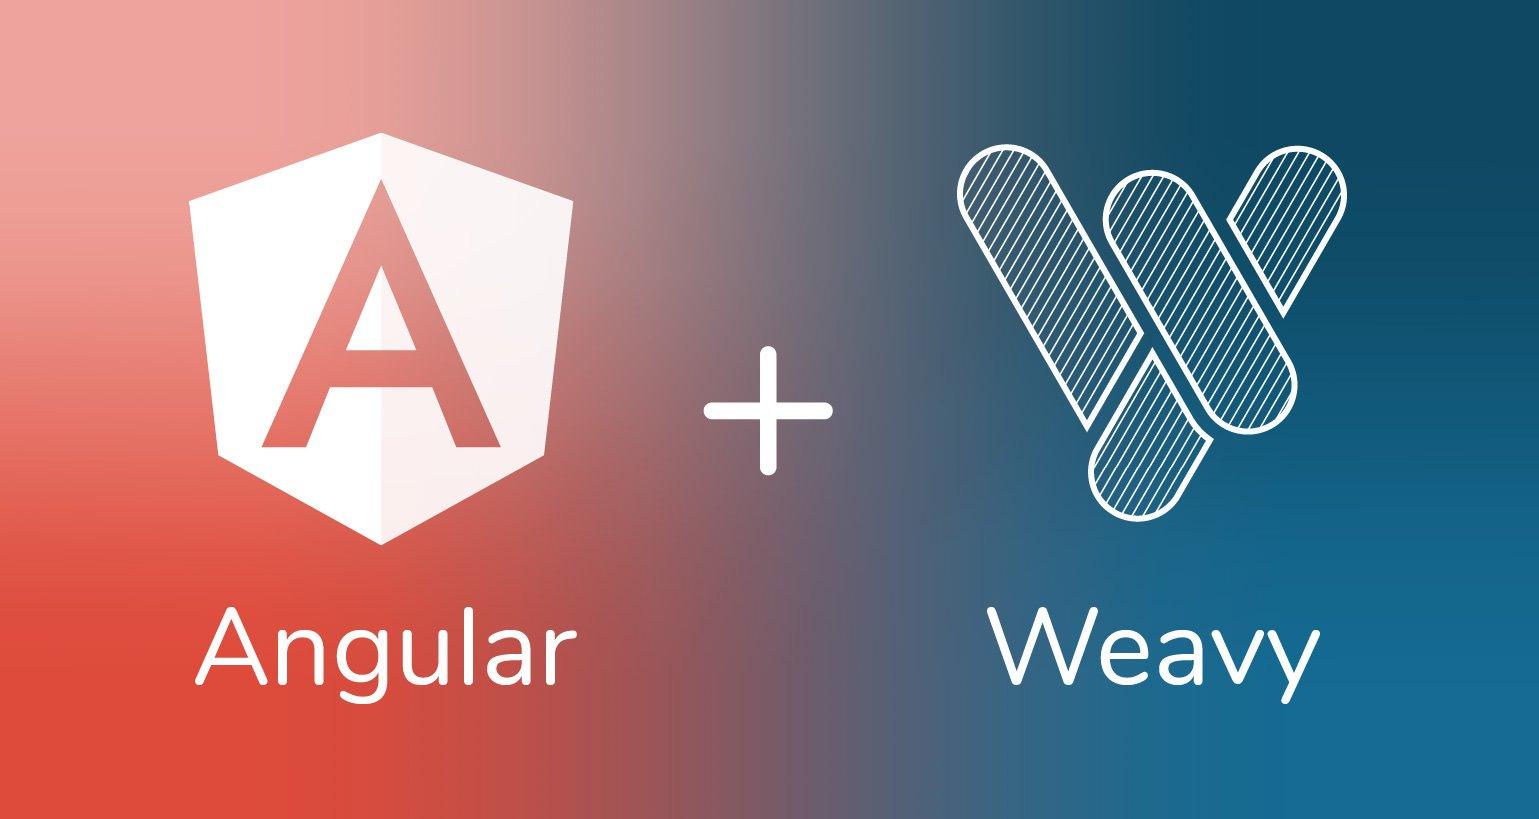 angular+weavy